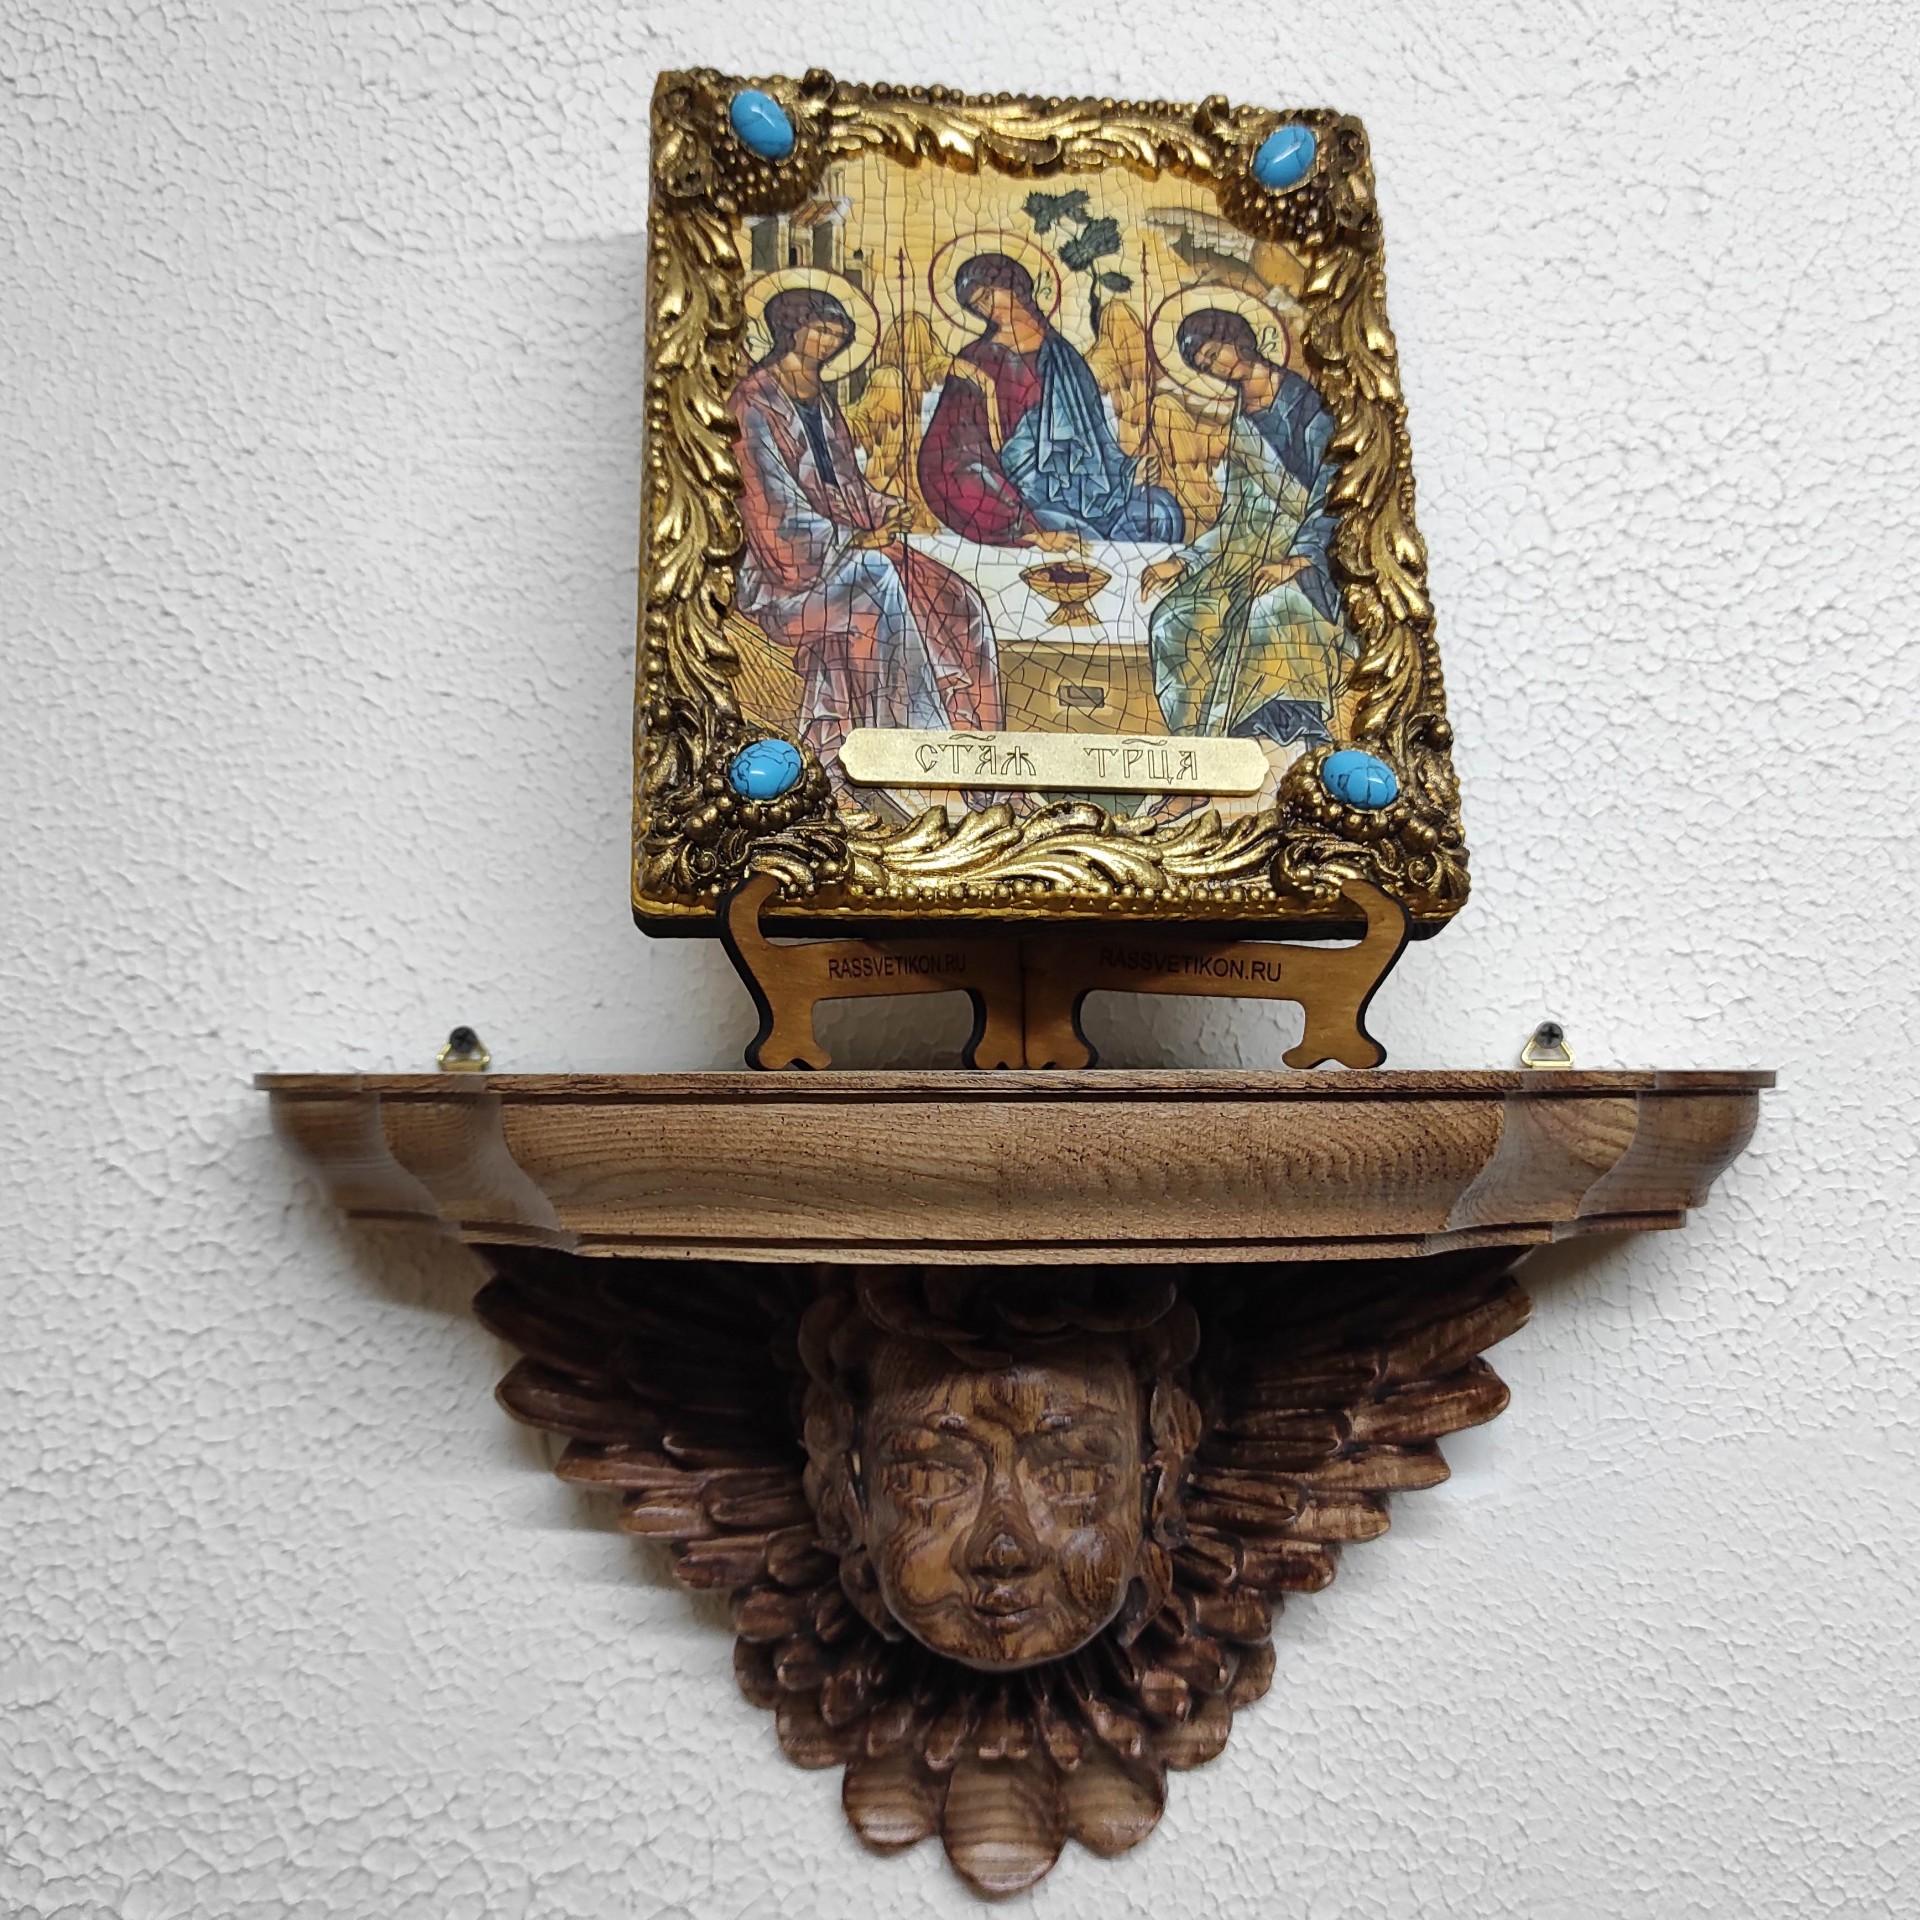 Фотография иконы Троица Рублева вид на полке АНГЕЛ